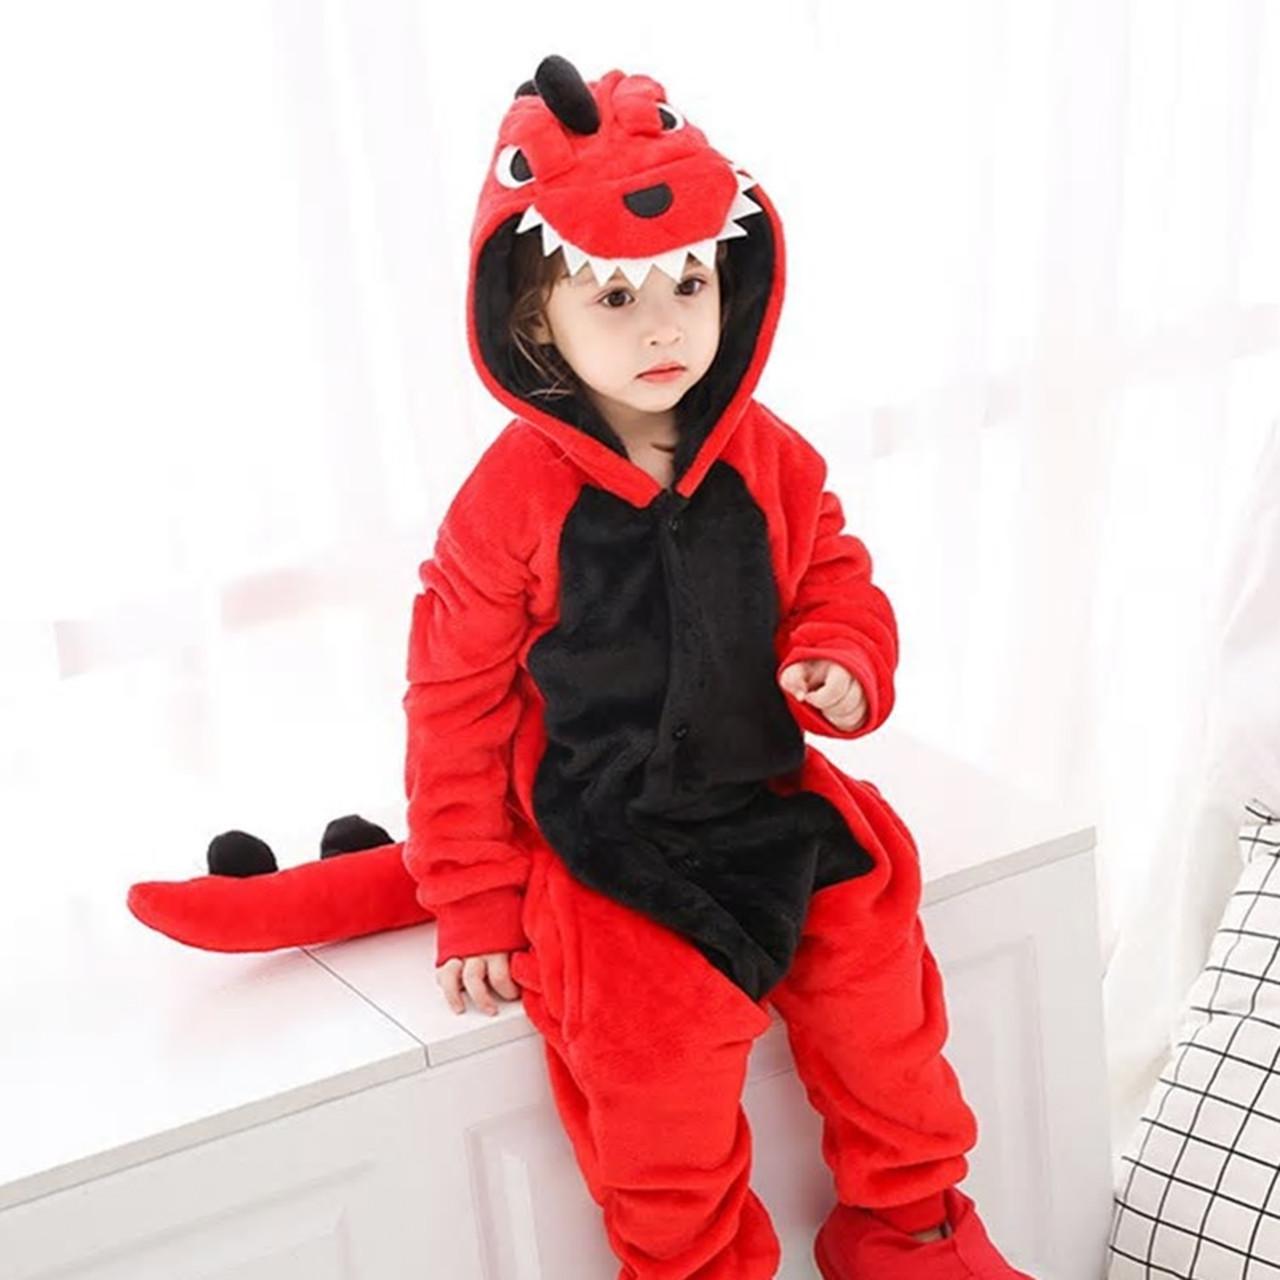 Кигуруми Дракон красный пижама цельная детская комбинезон унисекс р.130